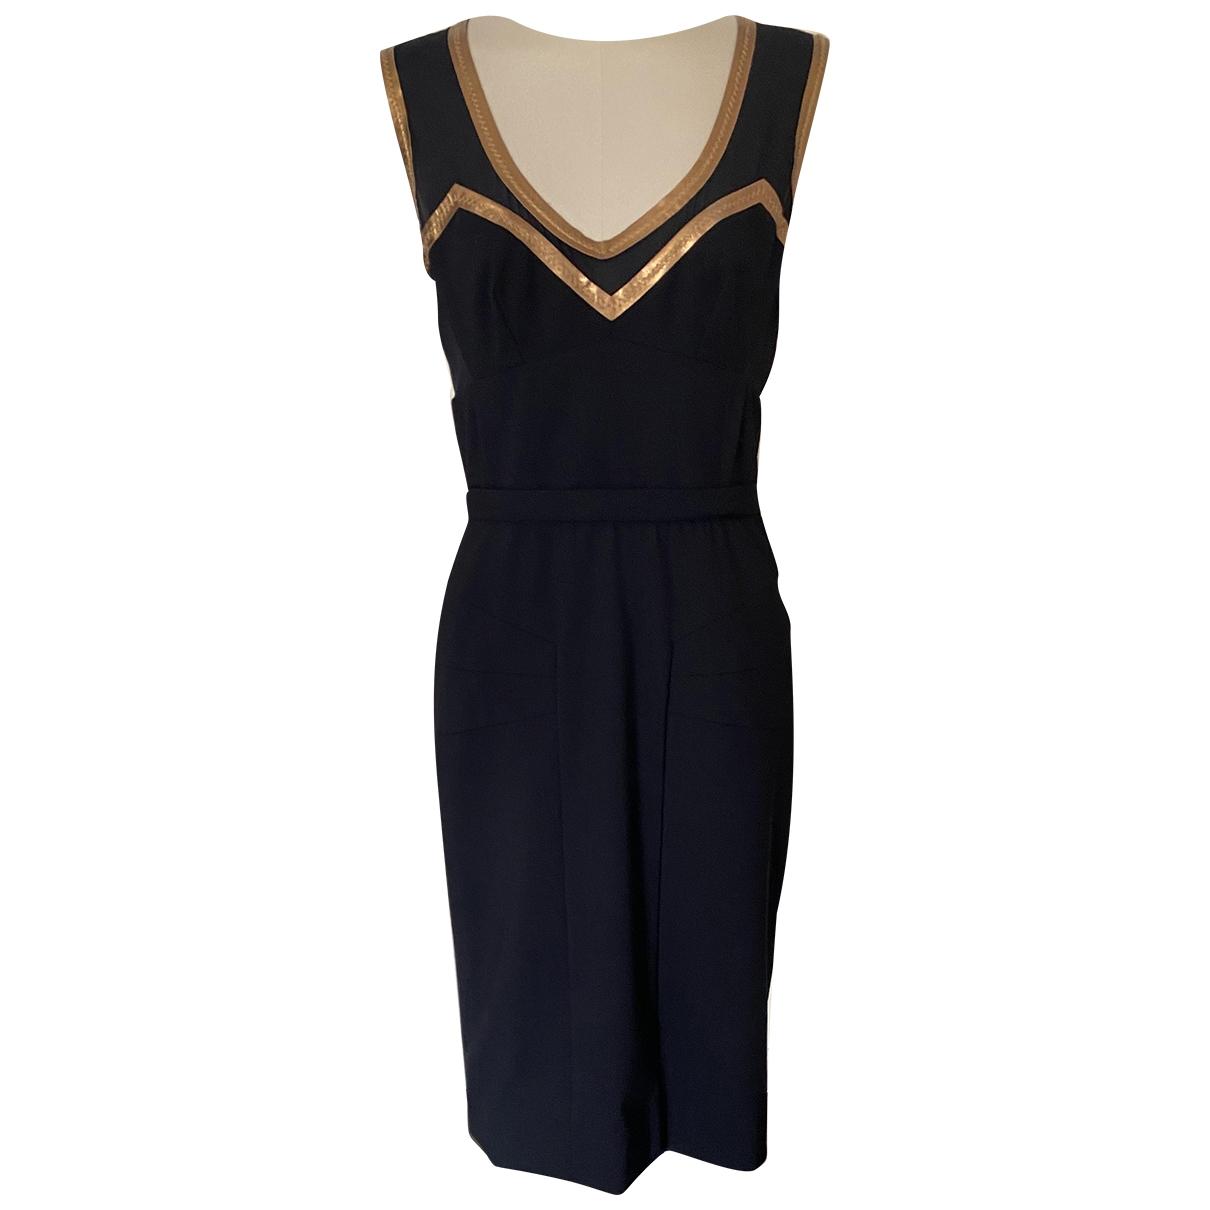 Dolce & Gabbana - Robe   pour femme en laine - noir